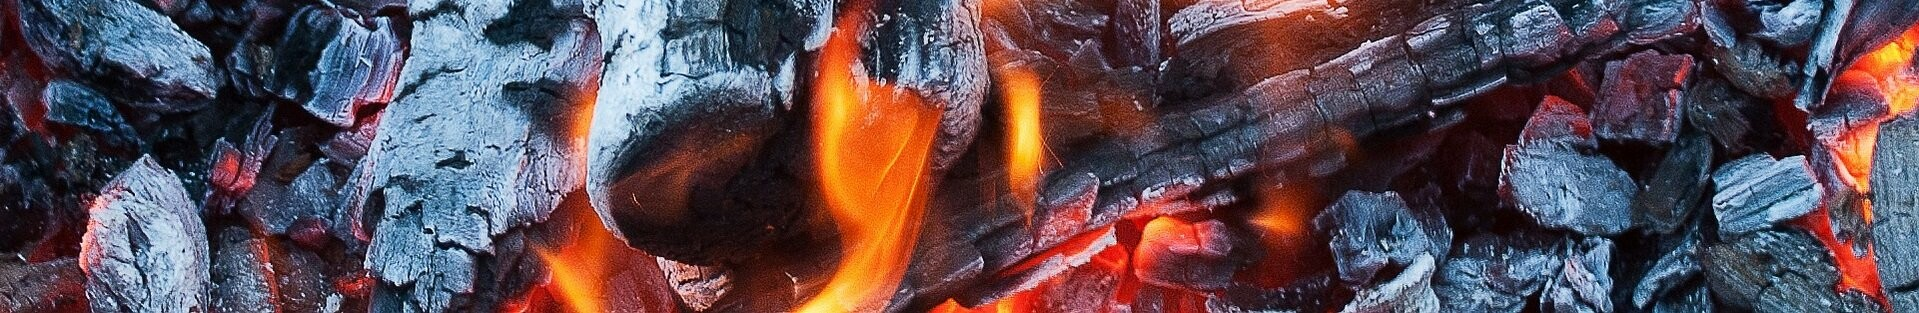 Ощутите уютную атмосферу нашего кафе, аромат готовящихся блюд, тепло от мангала и тандыра..., фото-1